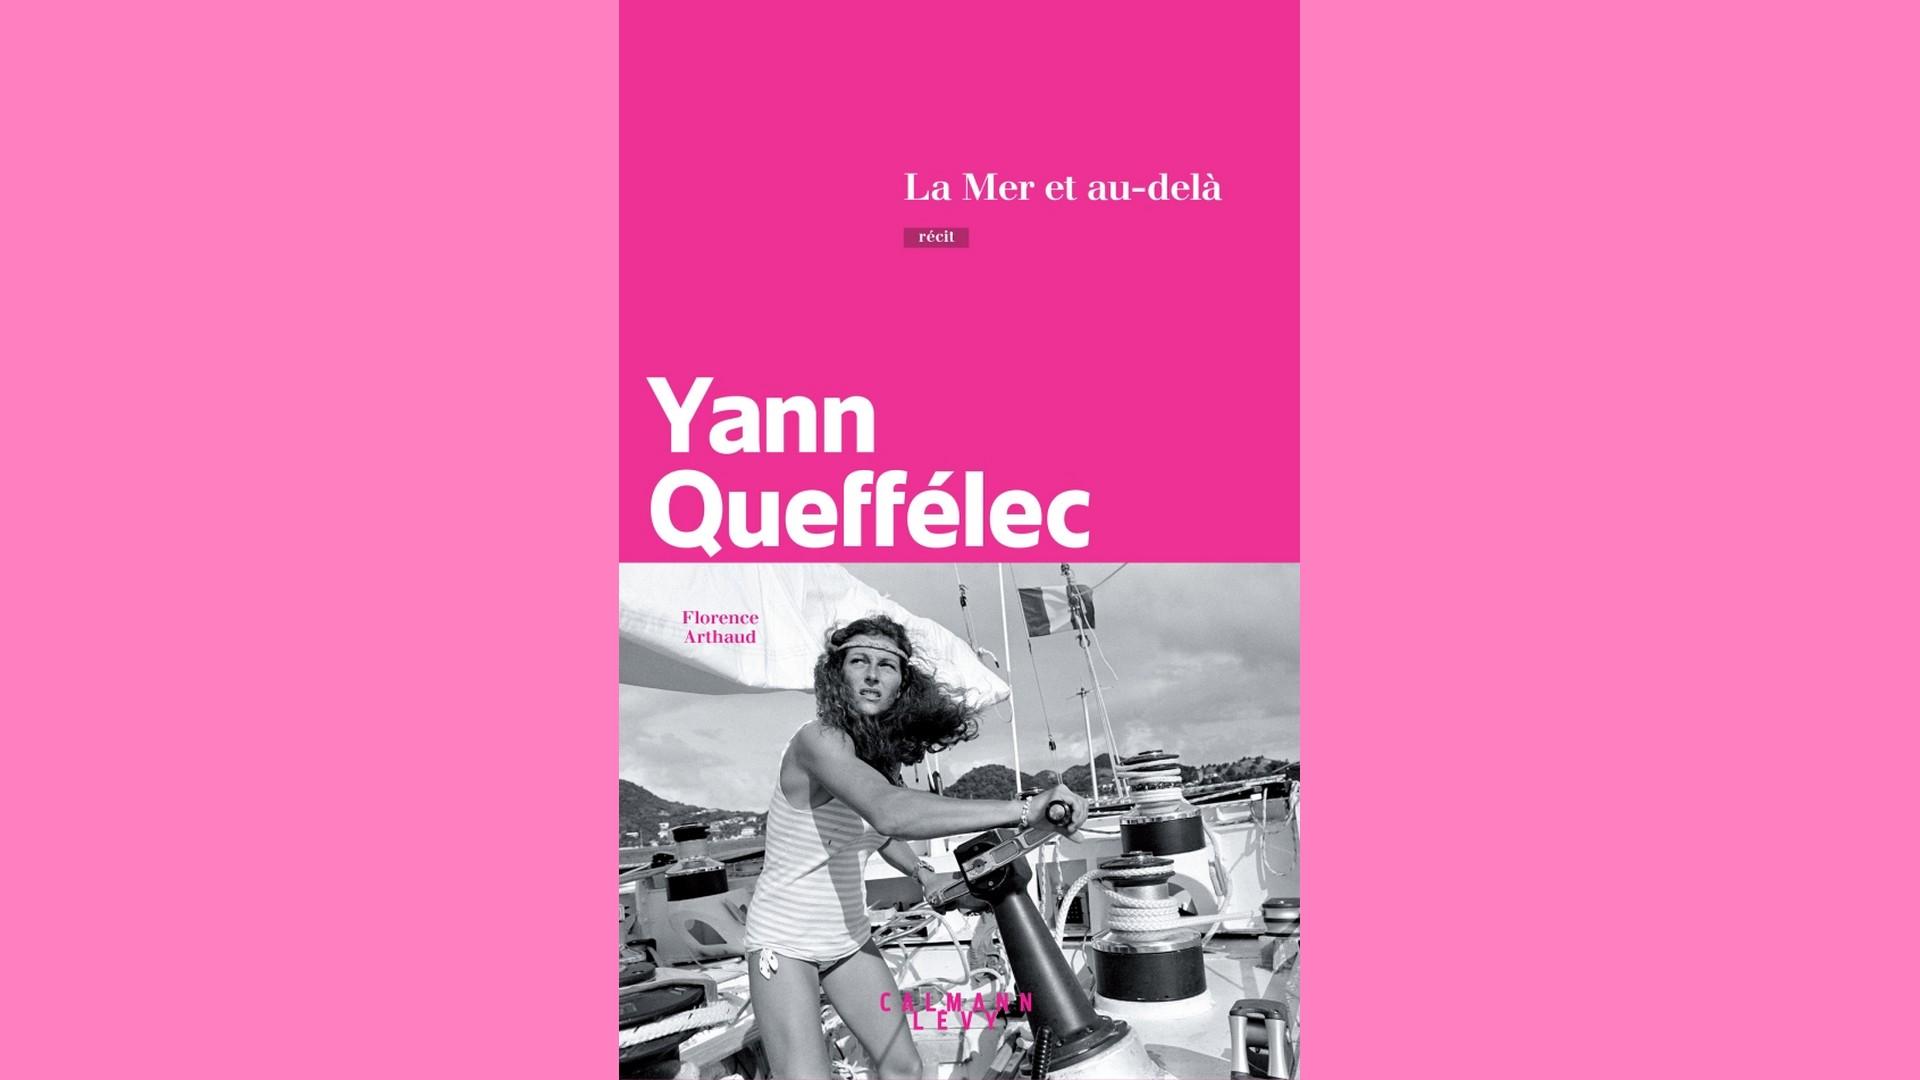 Livres – La mer et au dela – Yann Queffélec (2020)